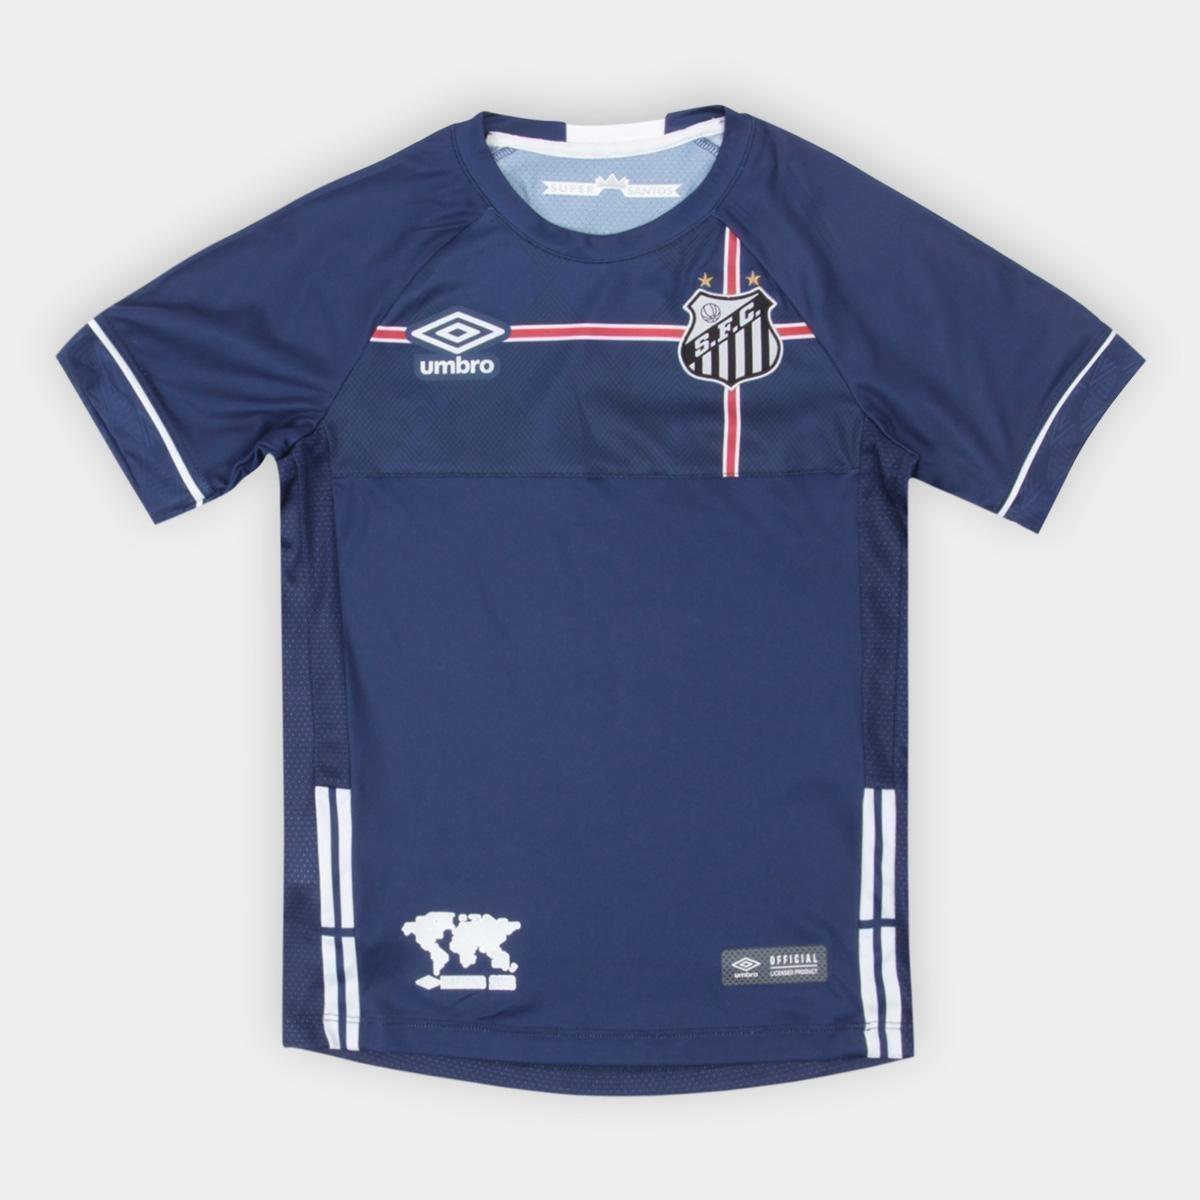 Torcedor The Kingdom Camisa e Umbro Marinho Infantil n° s Branco Santos 2018 7ZqwC0A